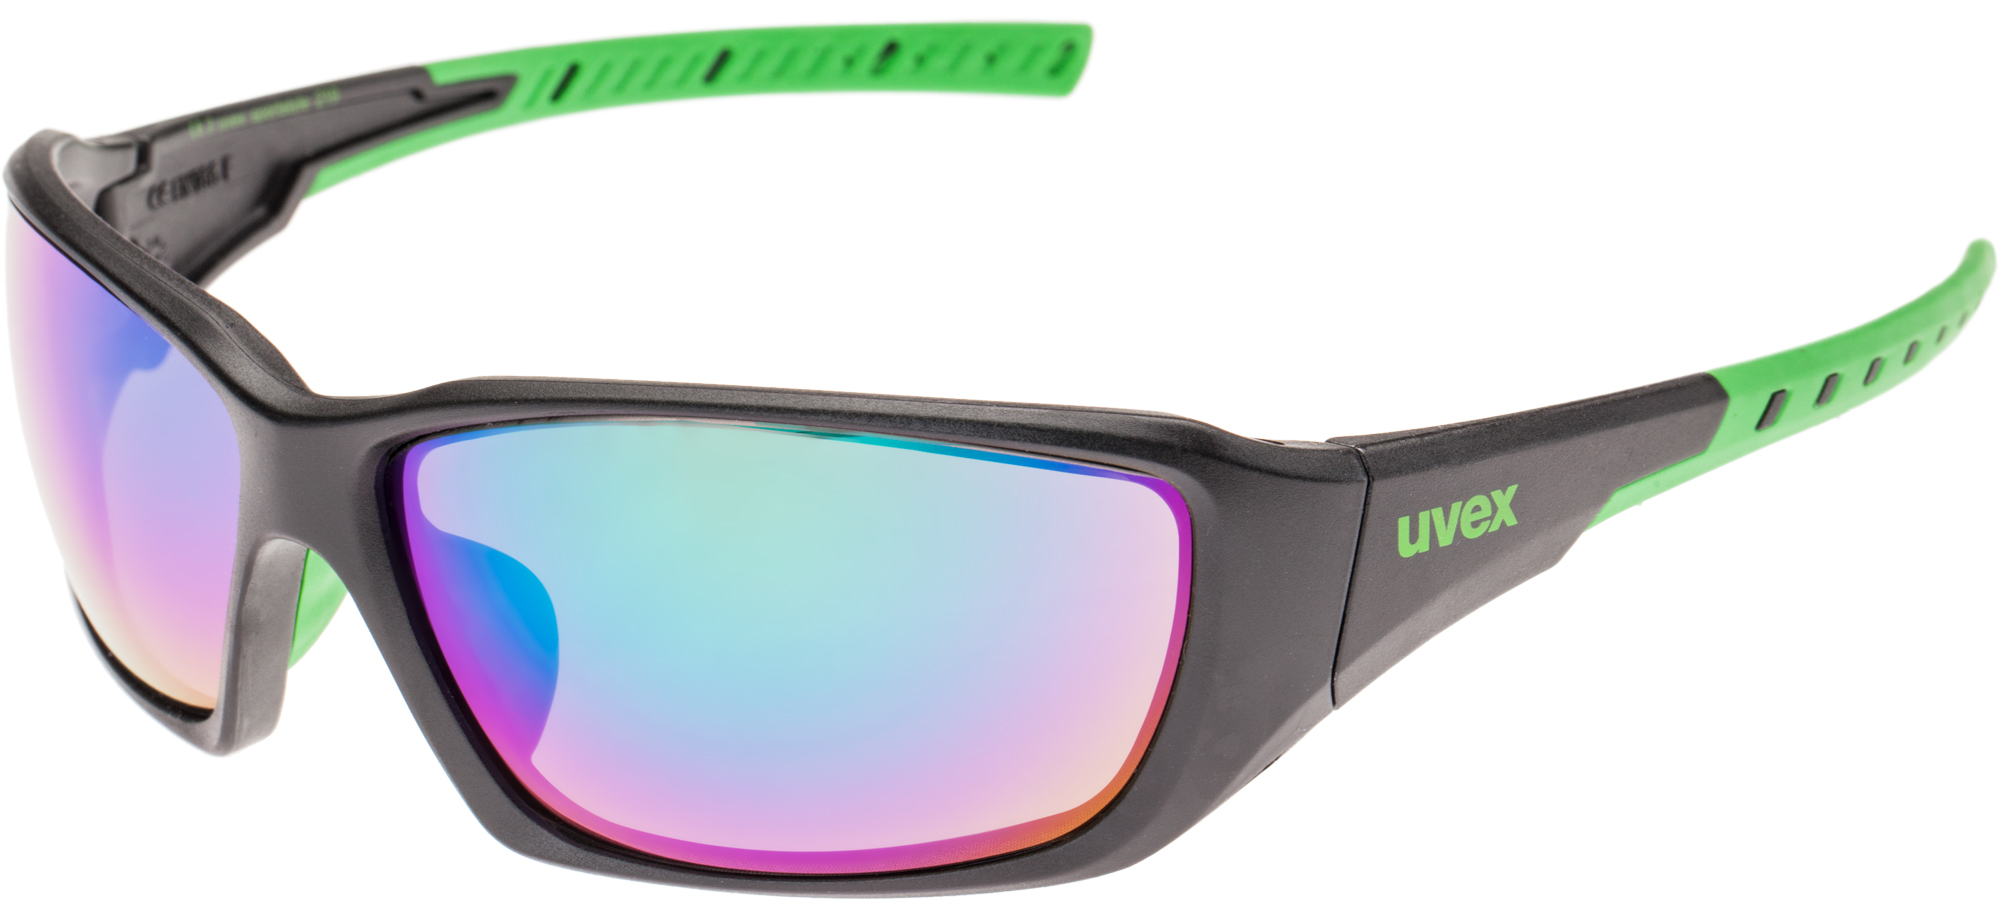 Uvex Солнцезащитные очки Uvex недорго, оригинальная цена